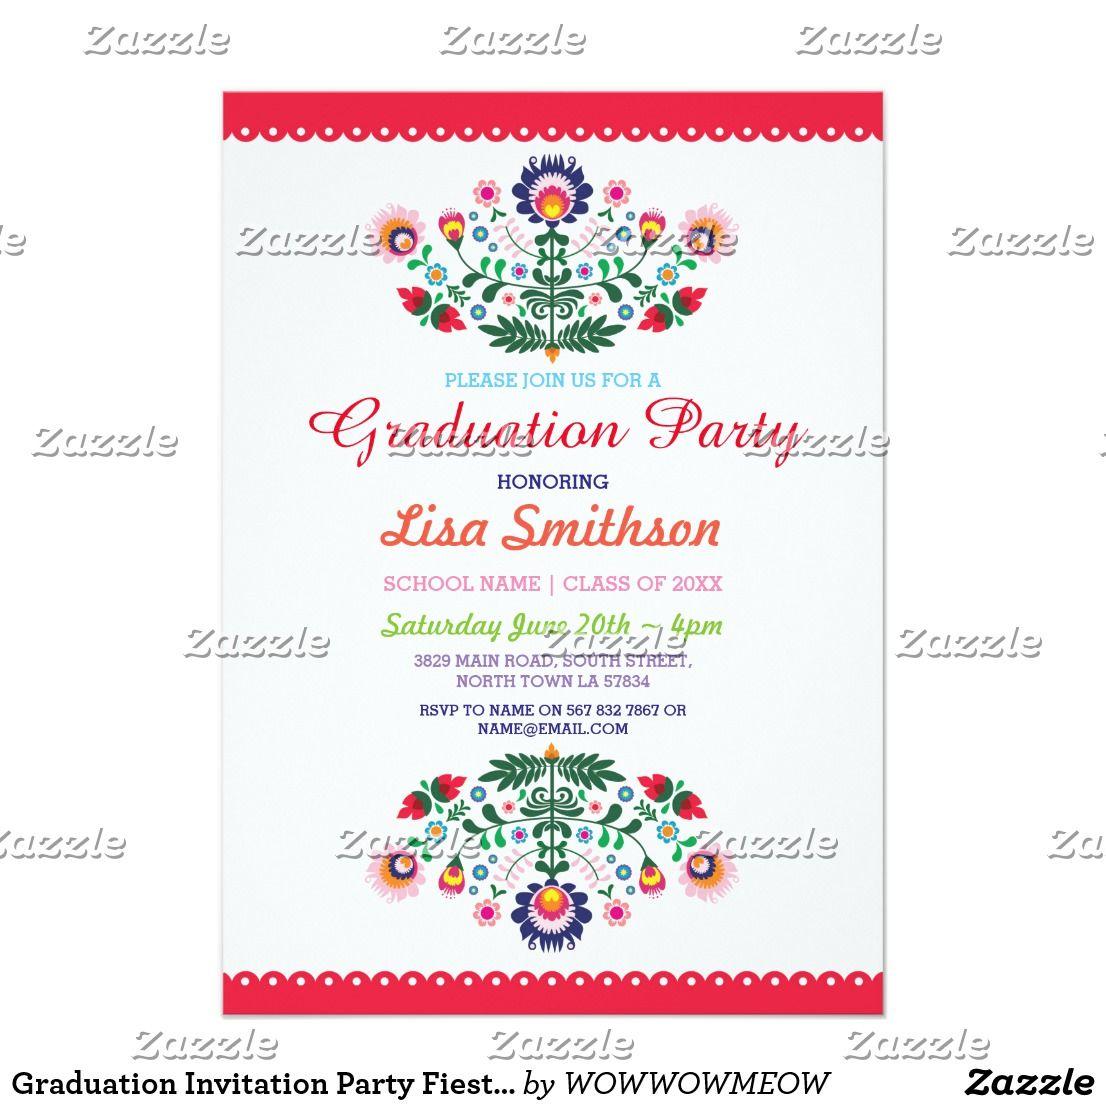 Zazzle graduation party invitations image collections baby shower graduation invitation party fiesta mexican invite zazzle filmwisefo